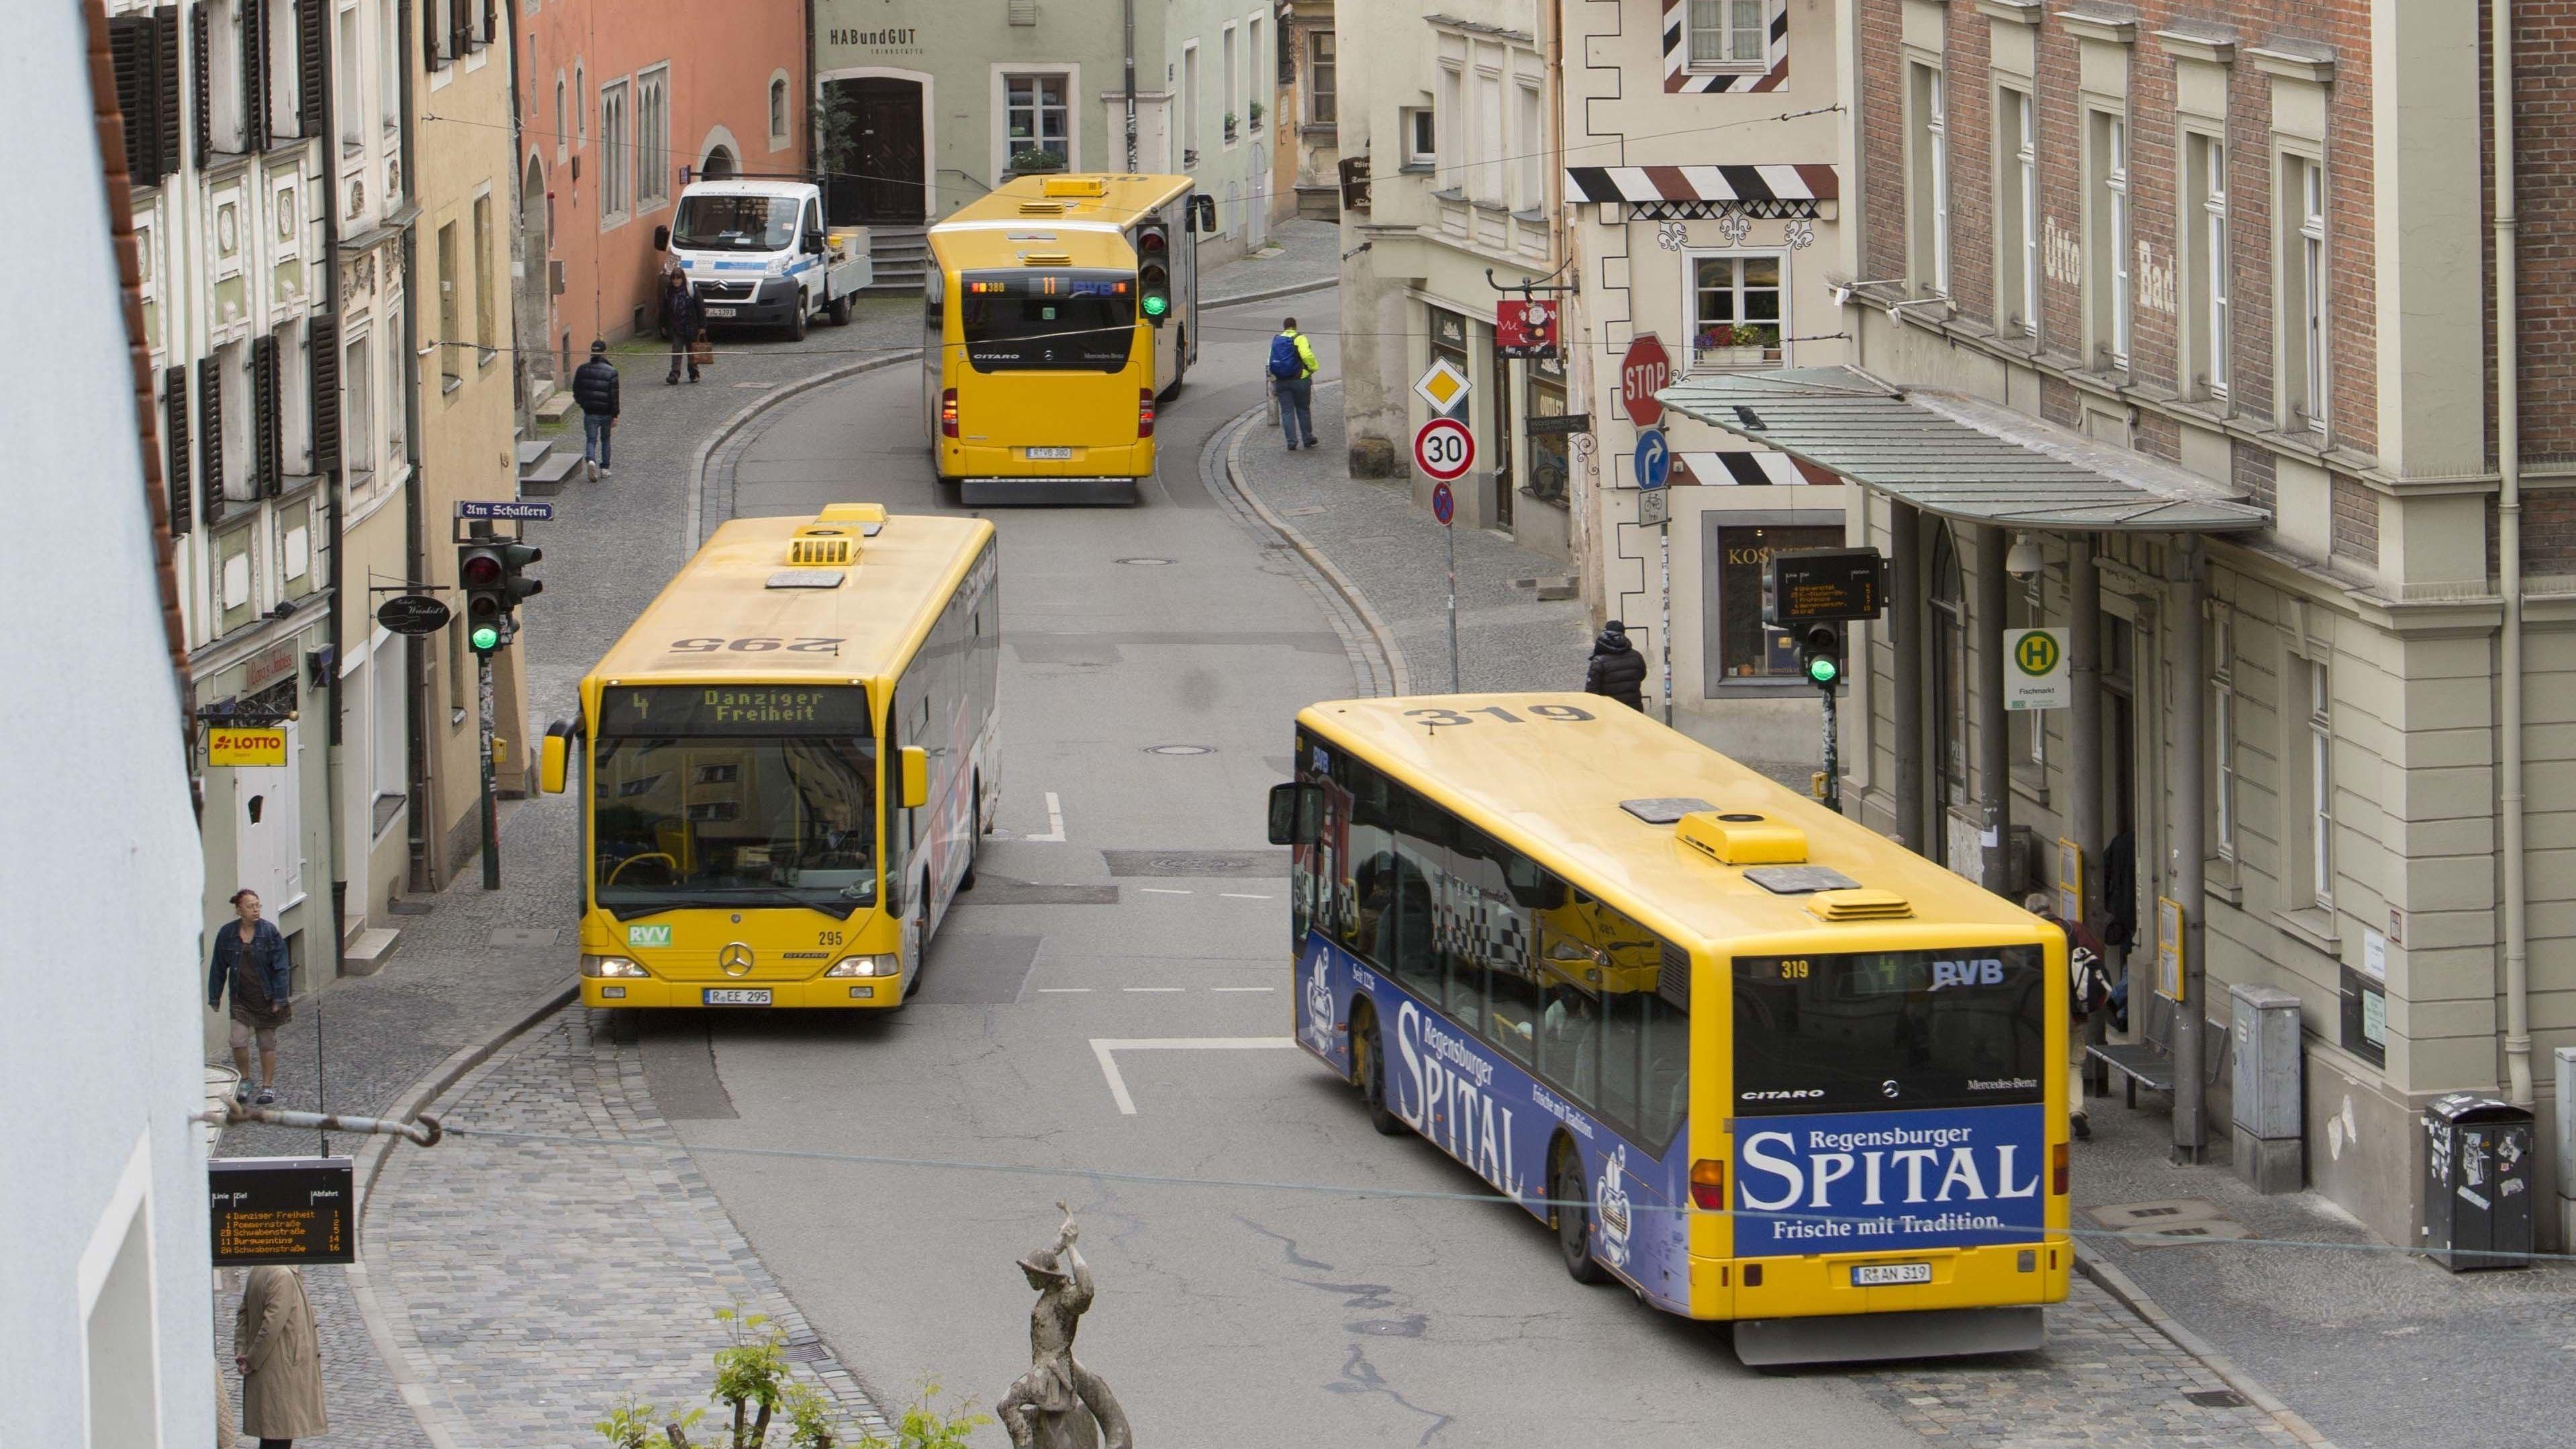 Bushaltestelle in Regensburg